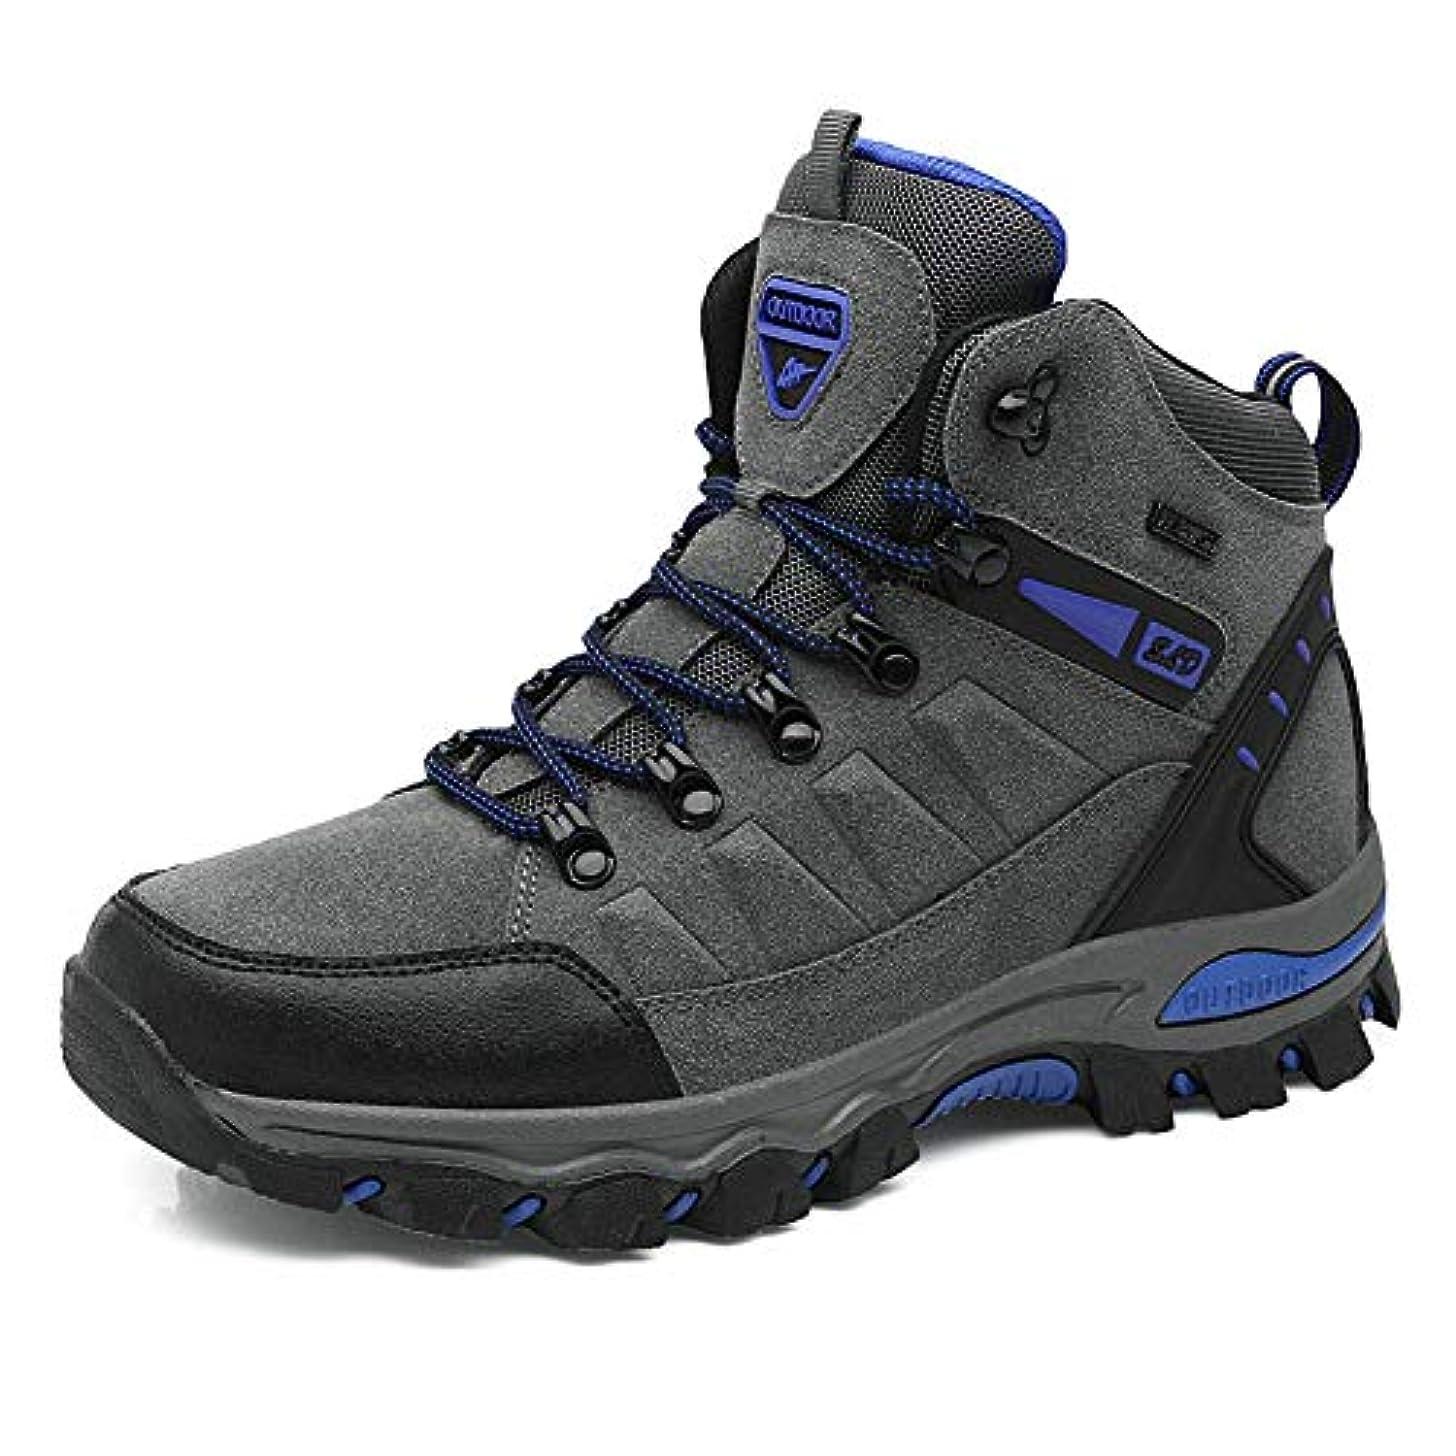 みがきます修正真空[TcIFE] トレッキングシューズ メンズ 防水 防滑 ハイカット 登山靴 大きいサイズ ハイキングシューズ メンズ 耐磨耗 ハイキングシューズ メンズ 通気性 スニーカー